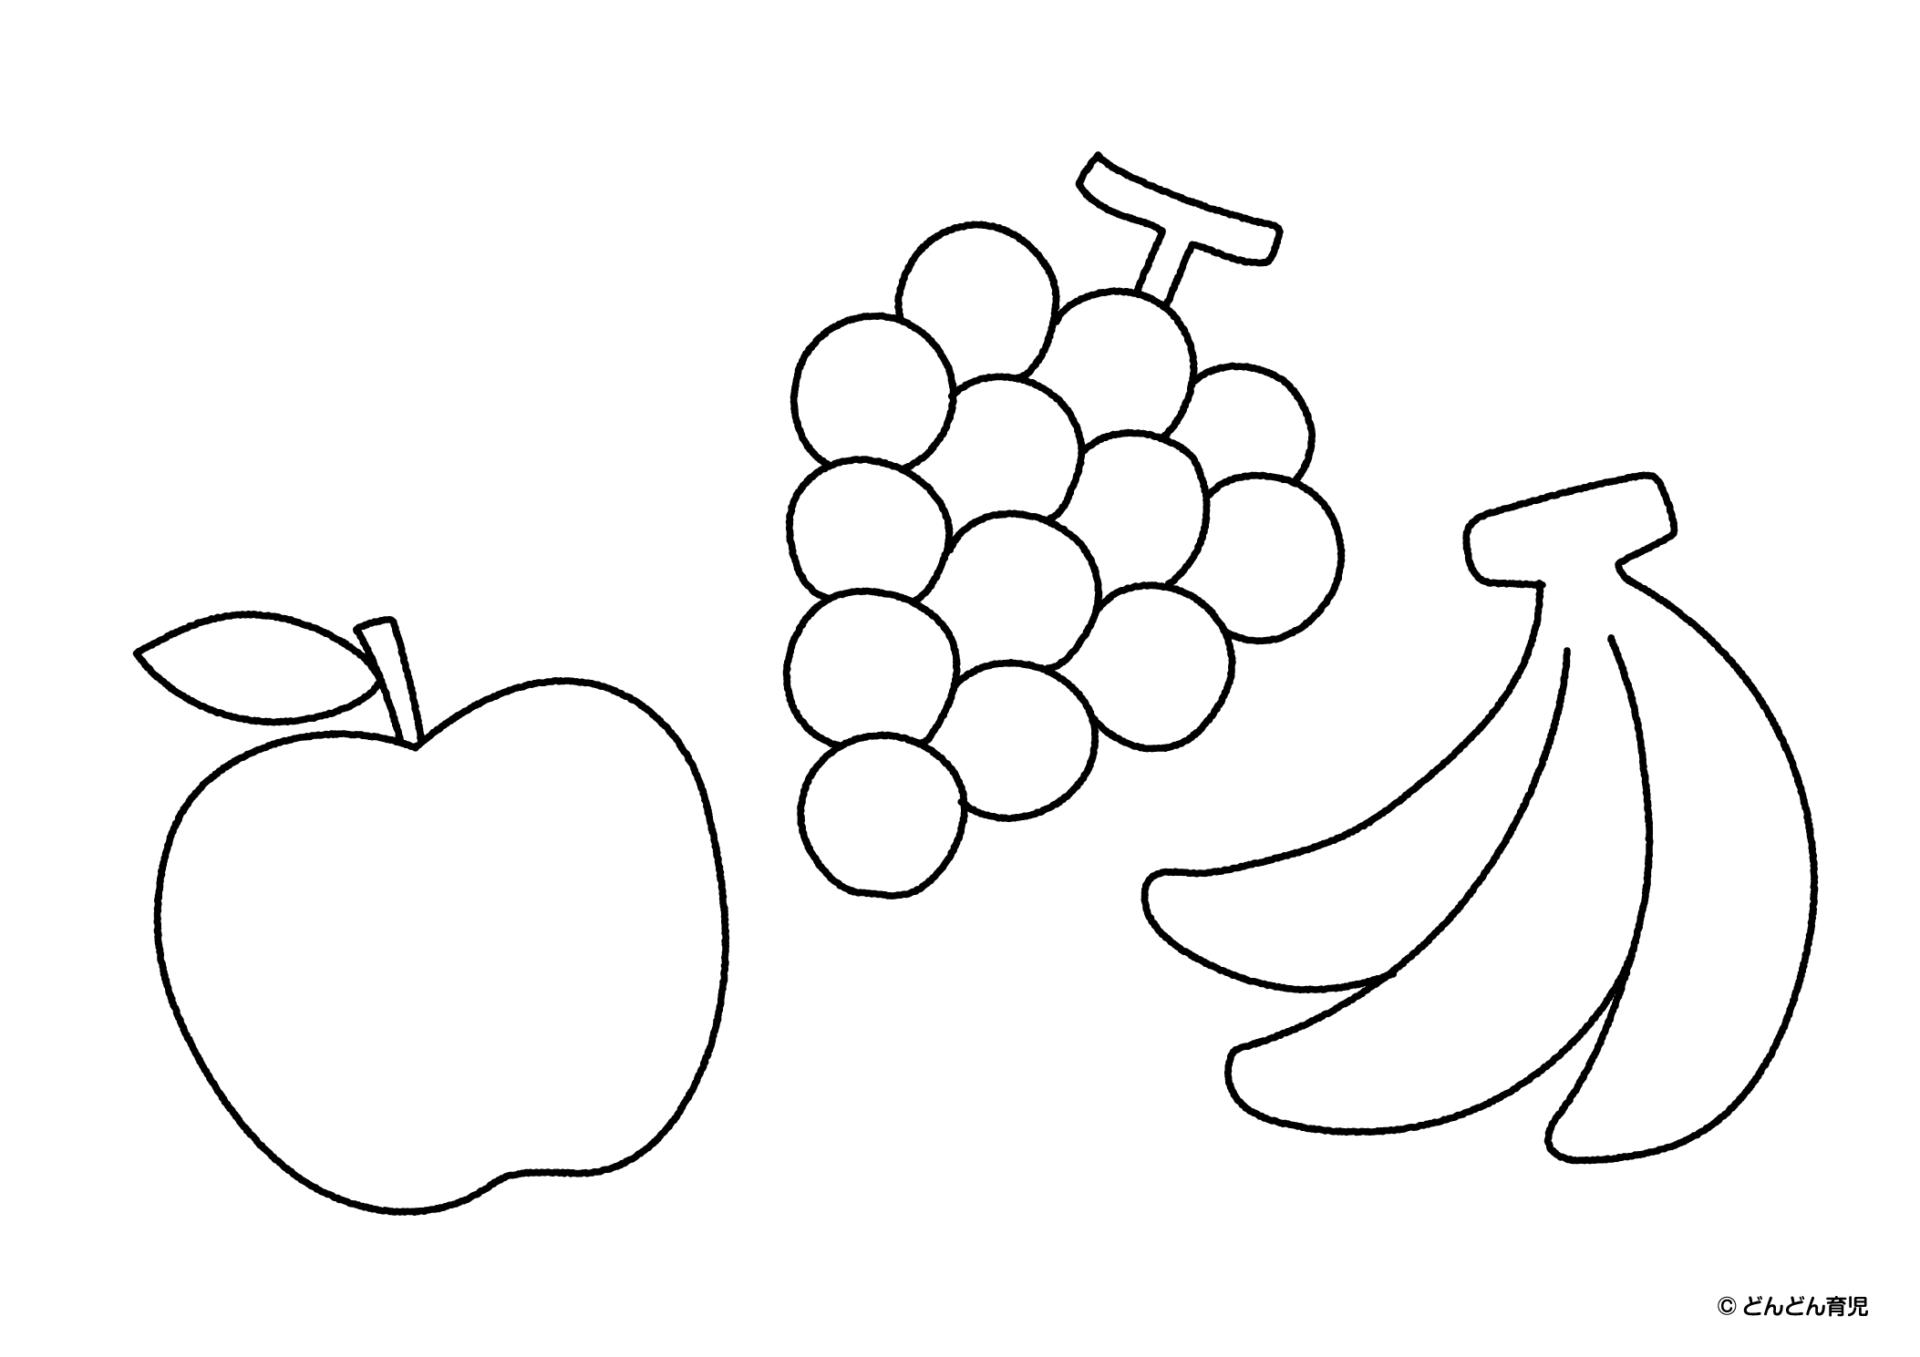 ぬりえ りんご ぶどう バナナ